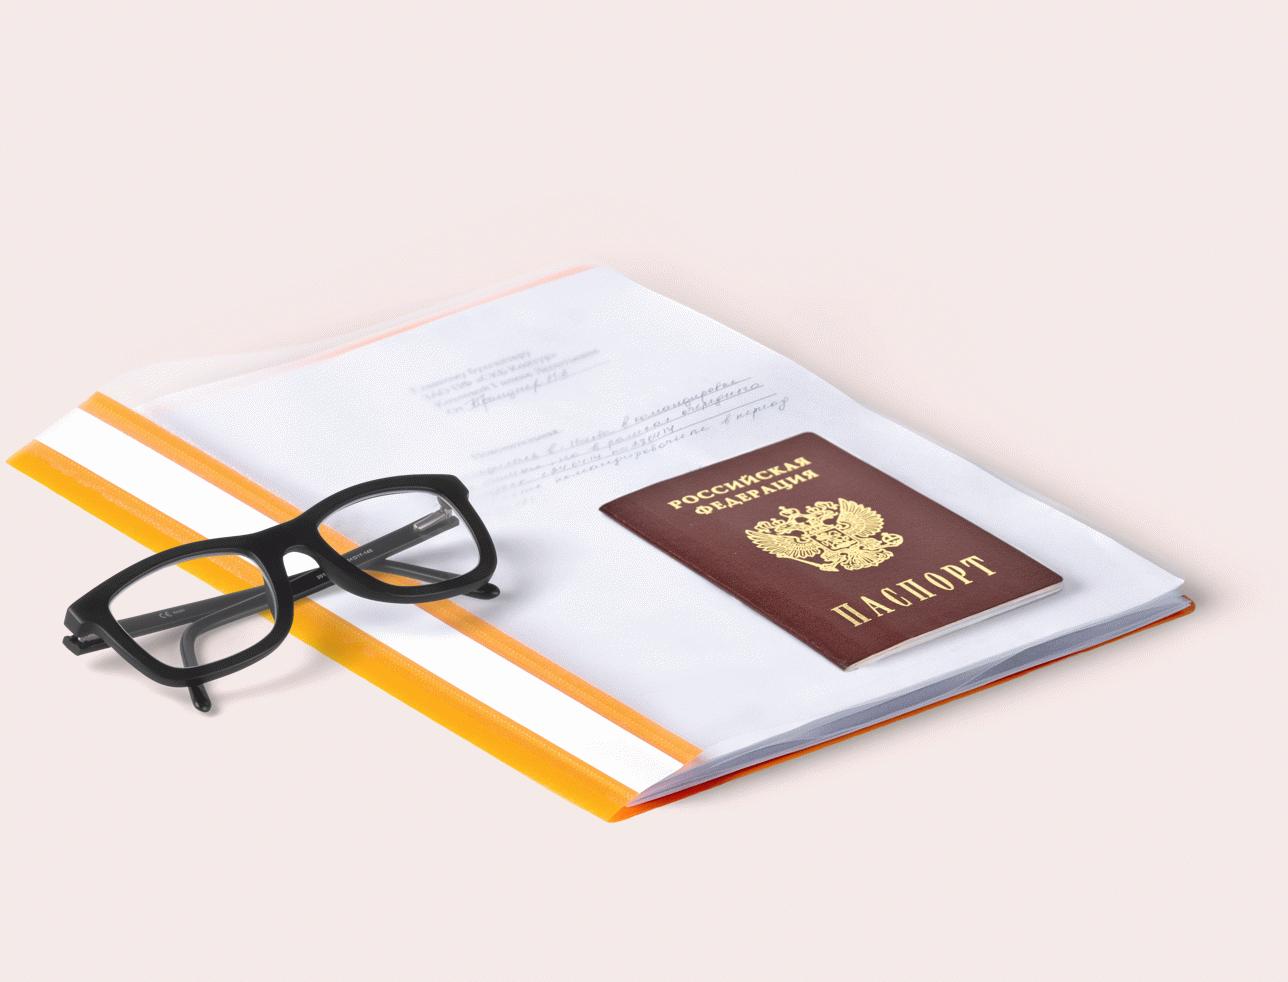 Открыть спецсчет в ВТБ для юридических лиц 2020